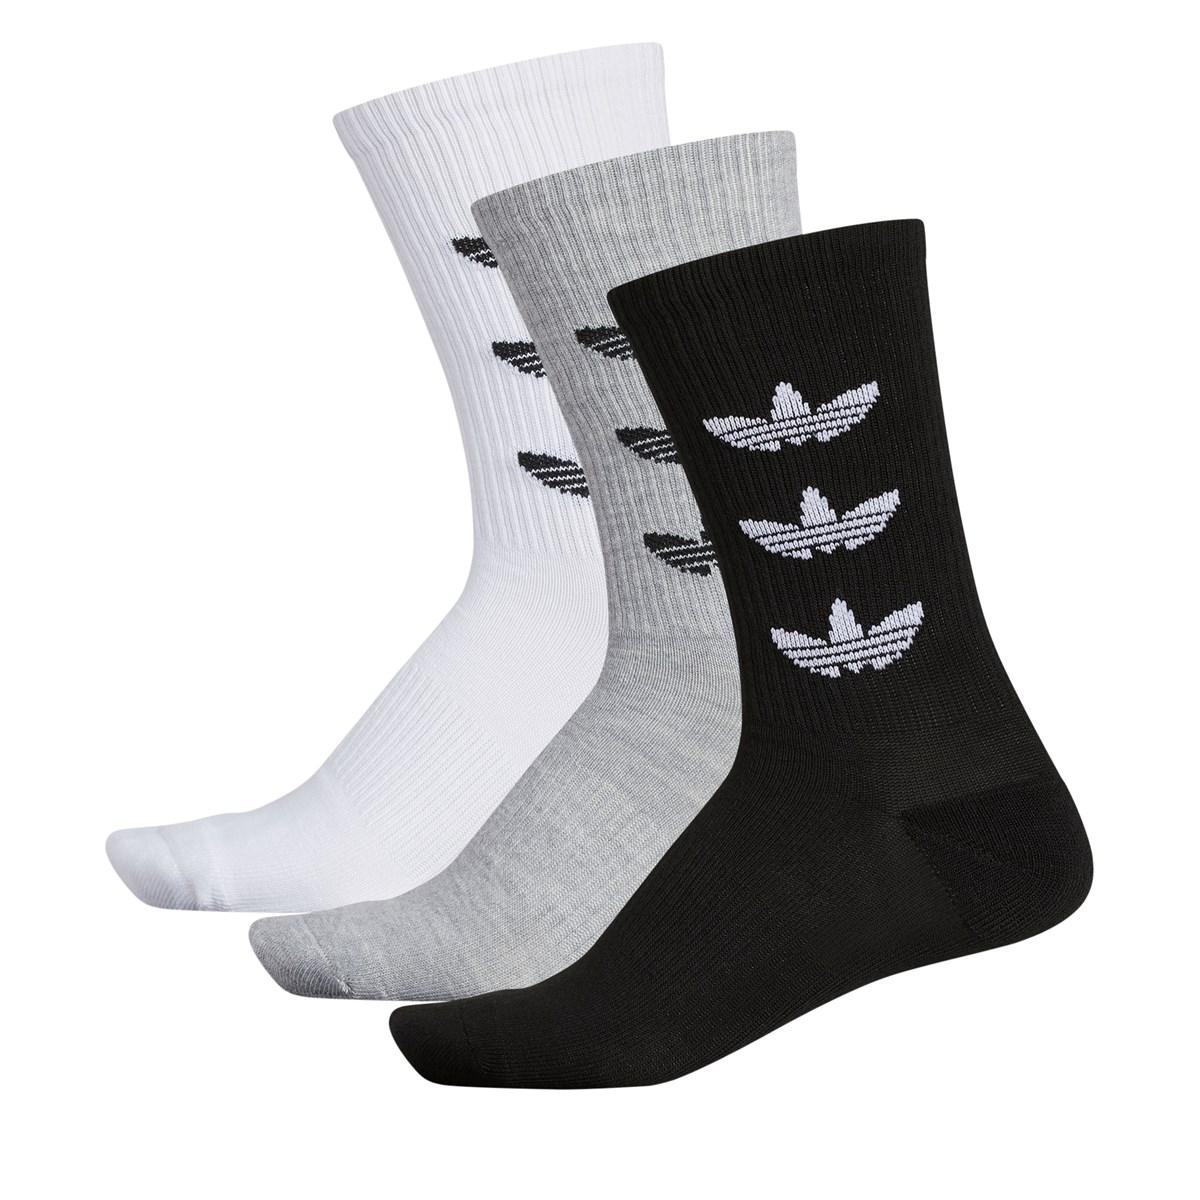 Men's 3 pair pack of crew socks